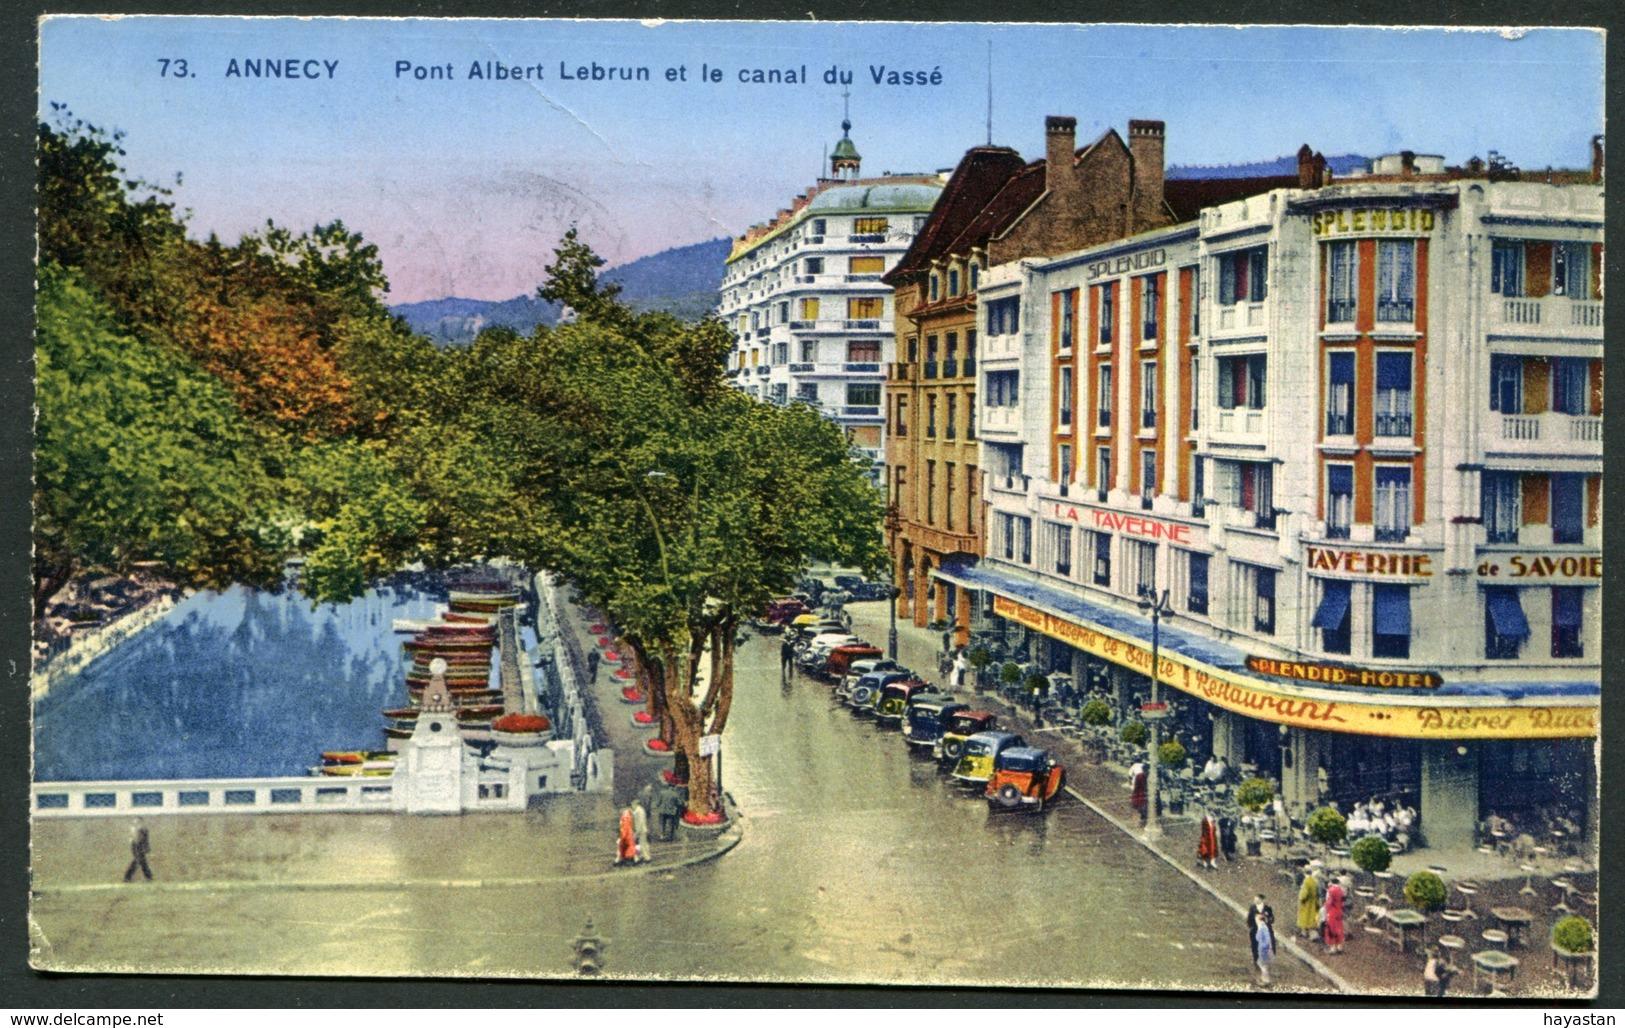 ANNECY - PONT ALBERT LEBRUN ET LE CANAL DU VASSE - Annecy